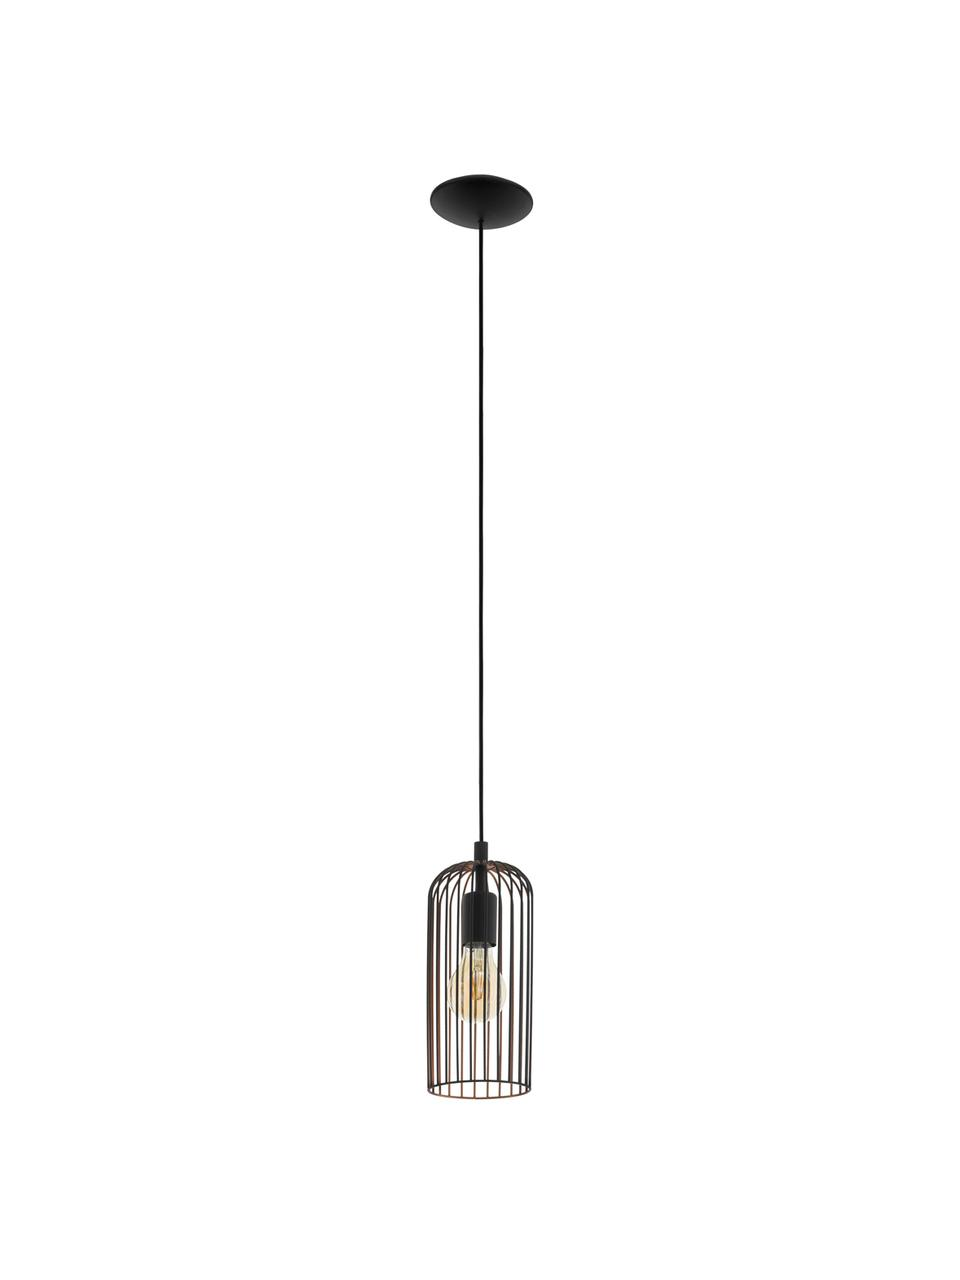 Kleine Pendelleuchte Roccamena, Lampenschirm: Stahl, lackiert, Baldachin: Stahl, lackiert, Schwarz, Ø 13 x H 30 cm